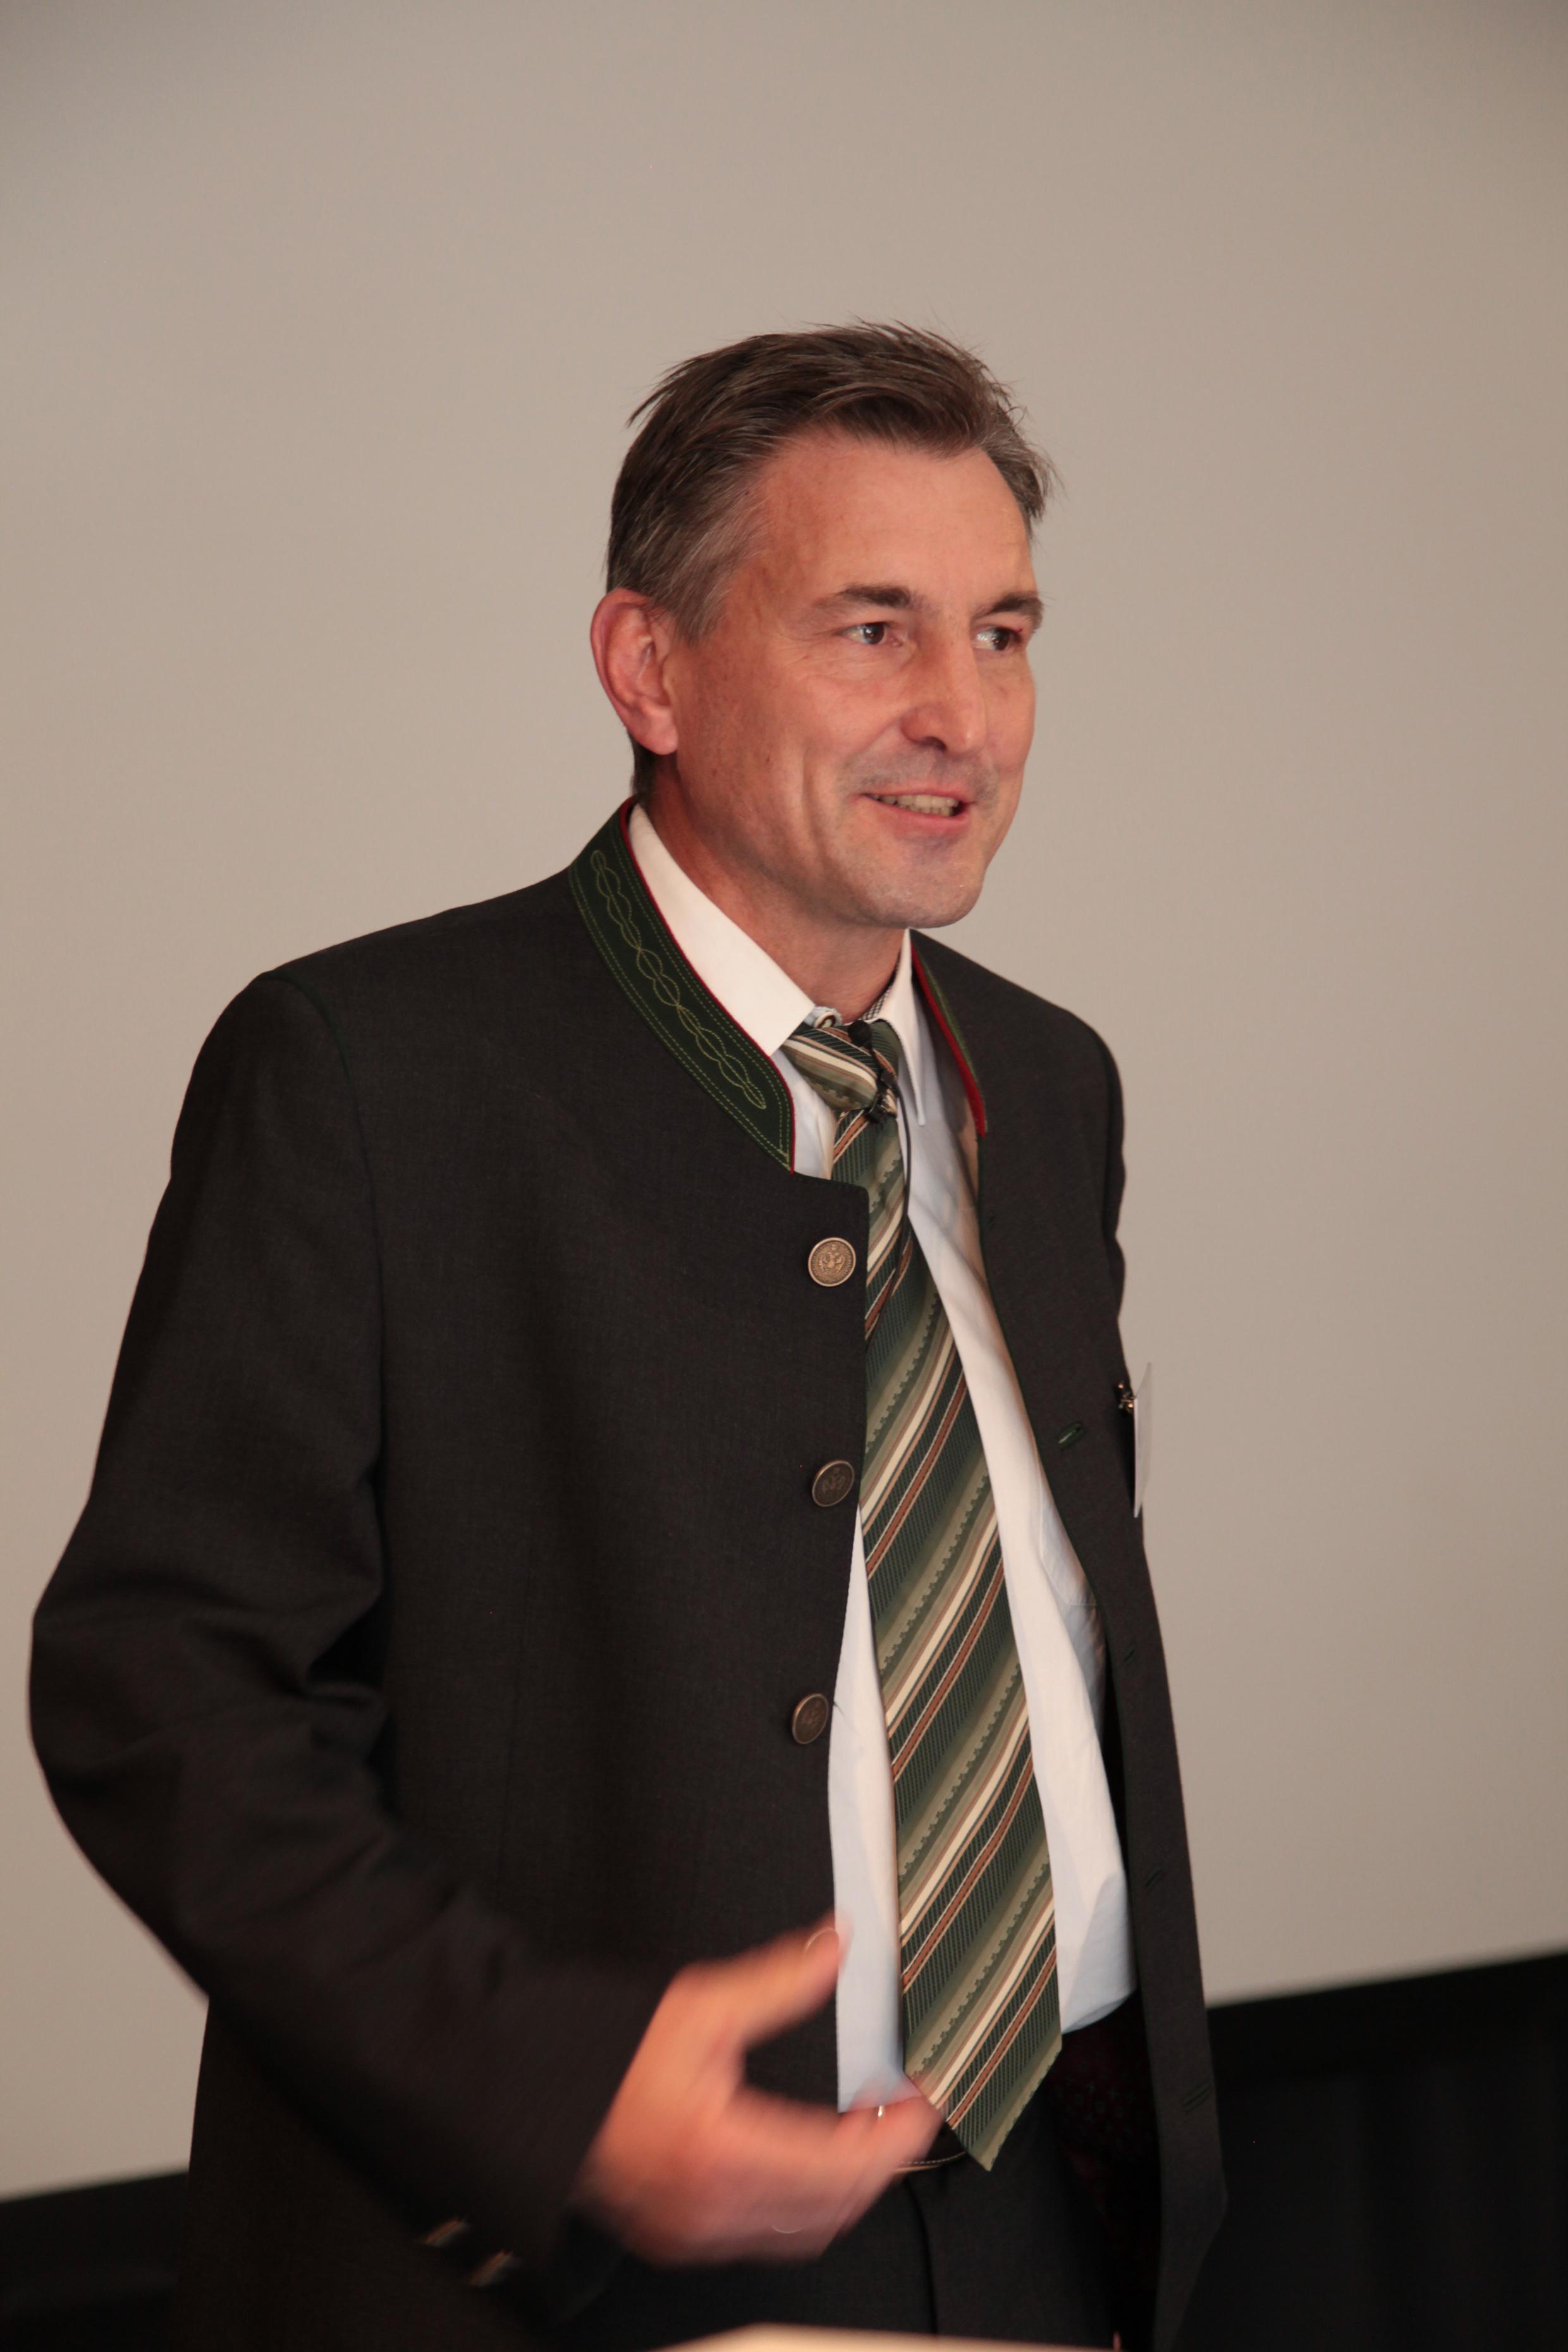 Markus Lohner